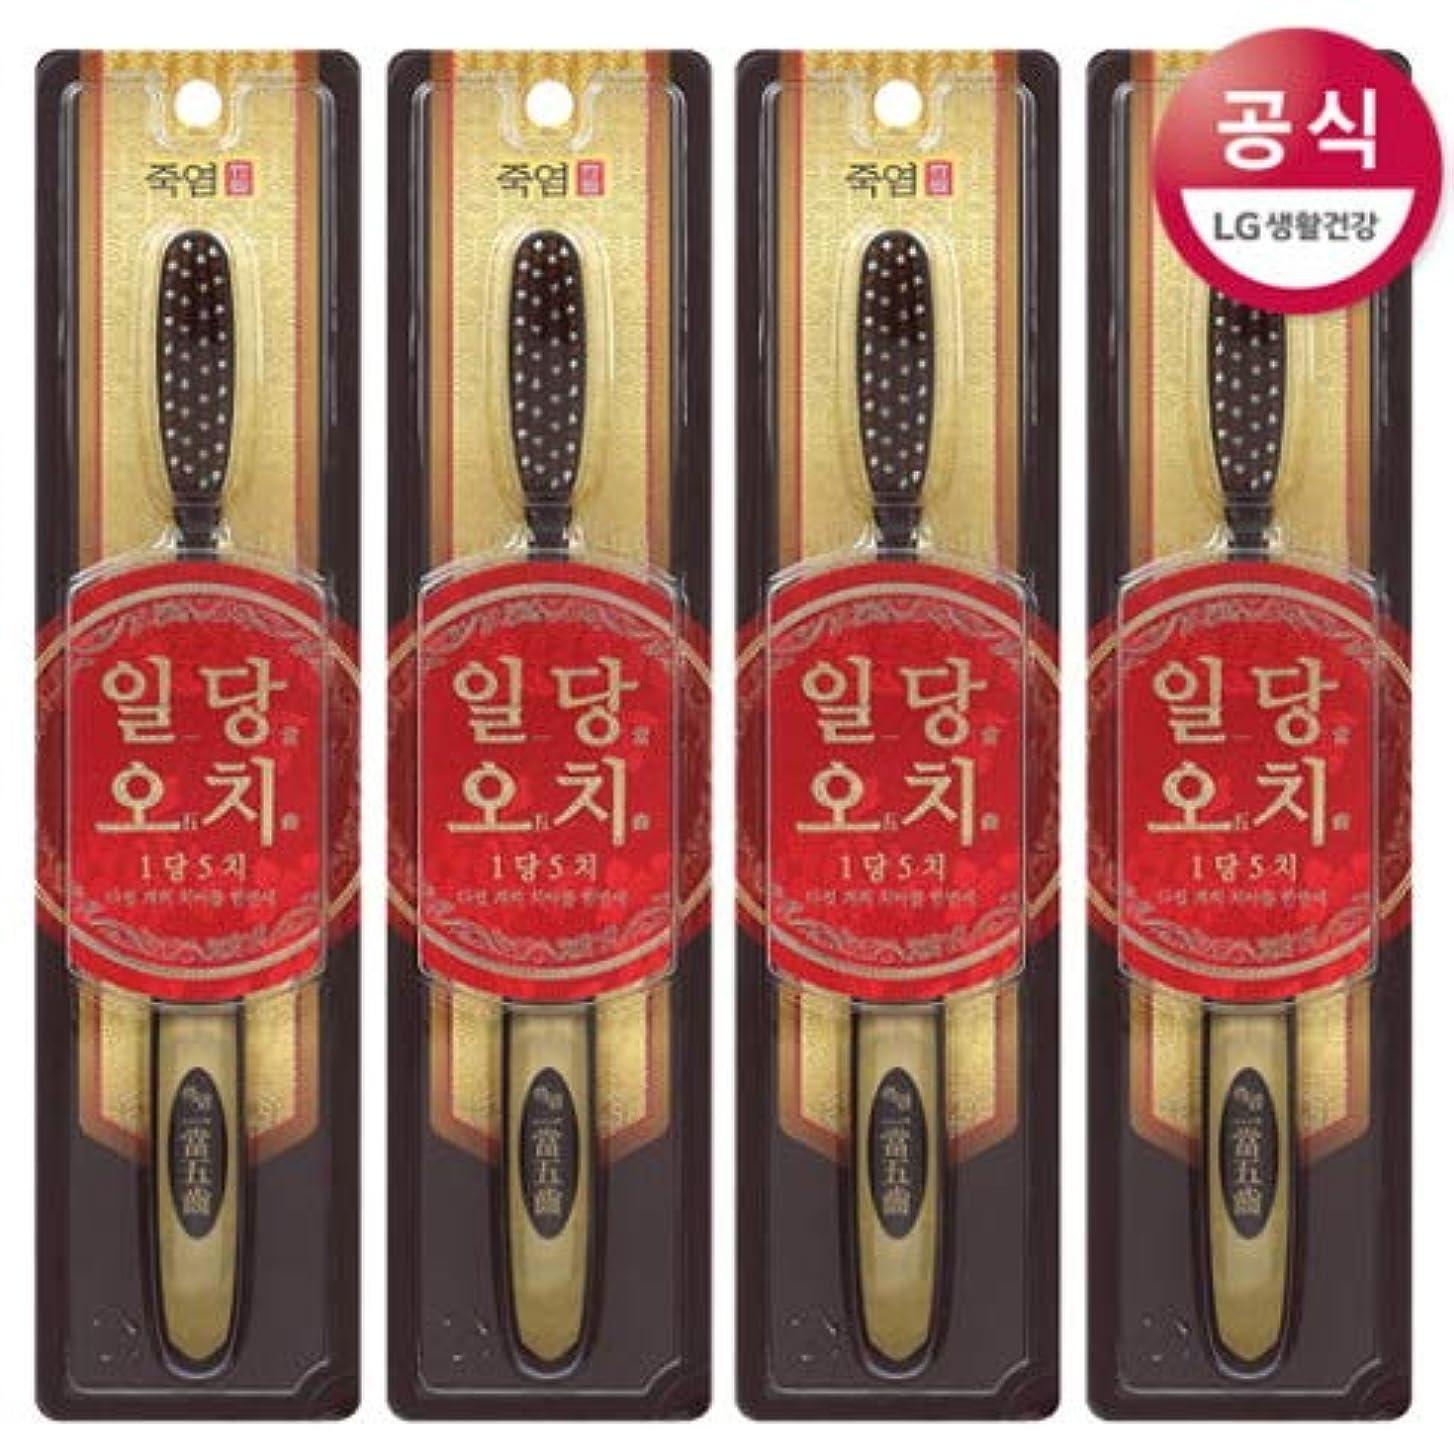 のスコア進行中永遠に[LG HnB] Bamboo Salt Oodi toothbrush/竹塩日当越智歯ブラシ 5つの(海外直送品)